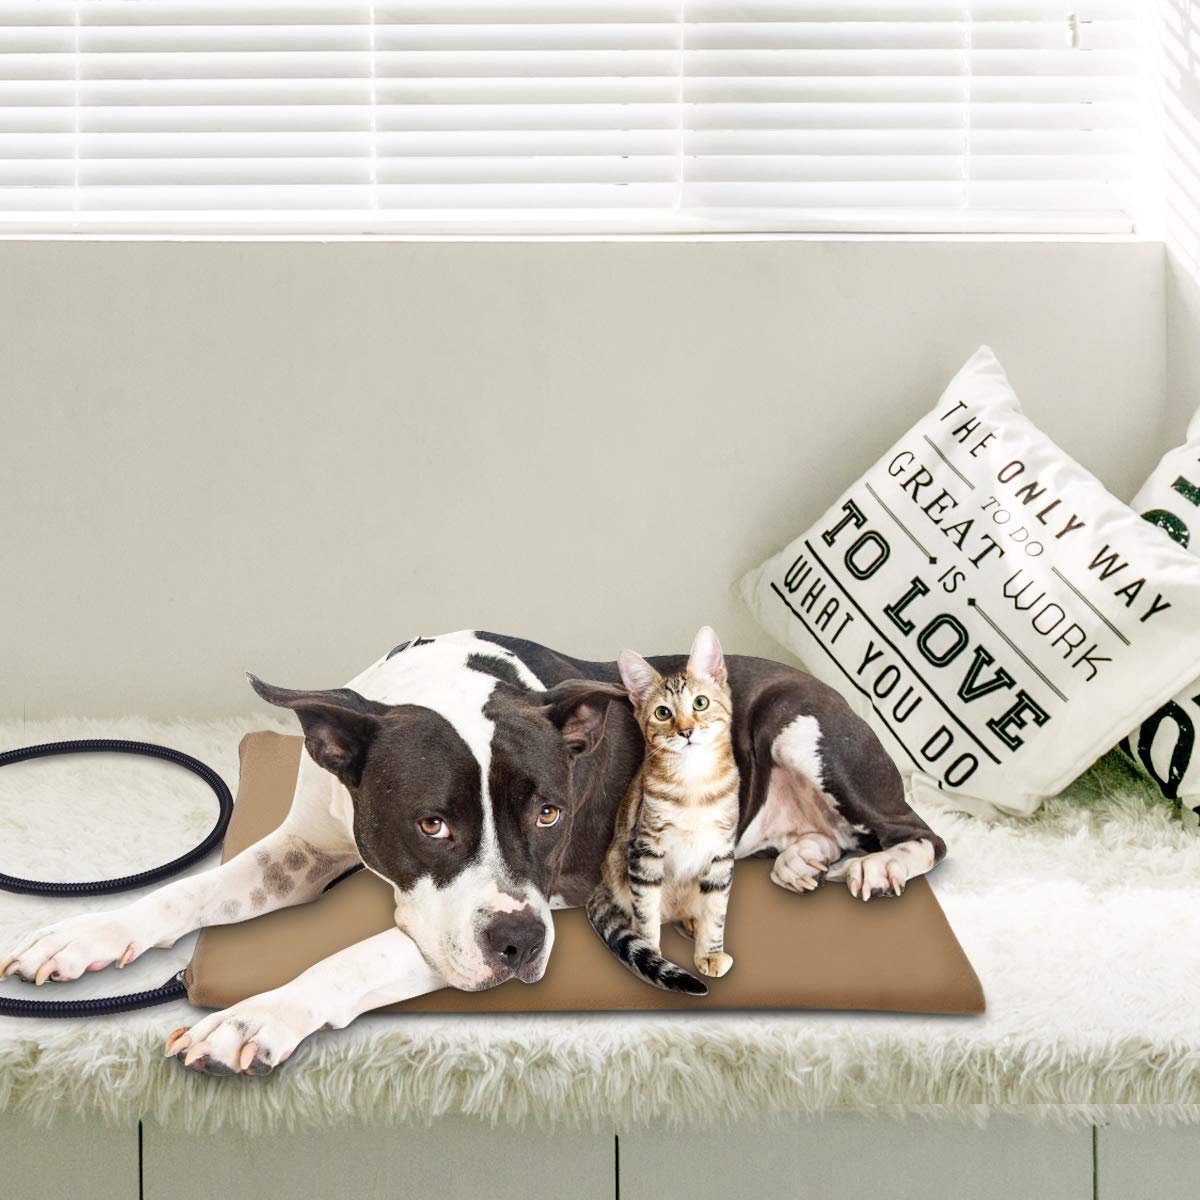 30W Almohadilla de Calentamiento para Mascotas con 7 Niveles de Temperatura Ajustable Osaloe Manta de Calefacci/ón El/éctrica para Perros y Gatos Caqui 65 x 40 CM